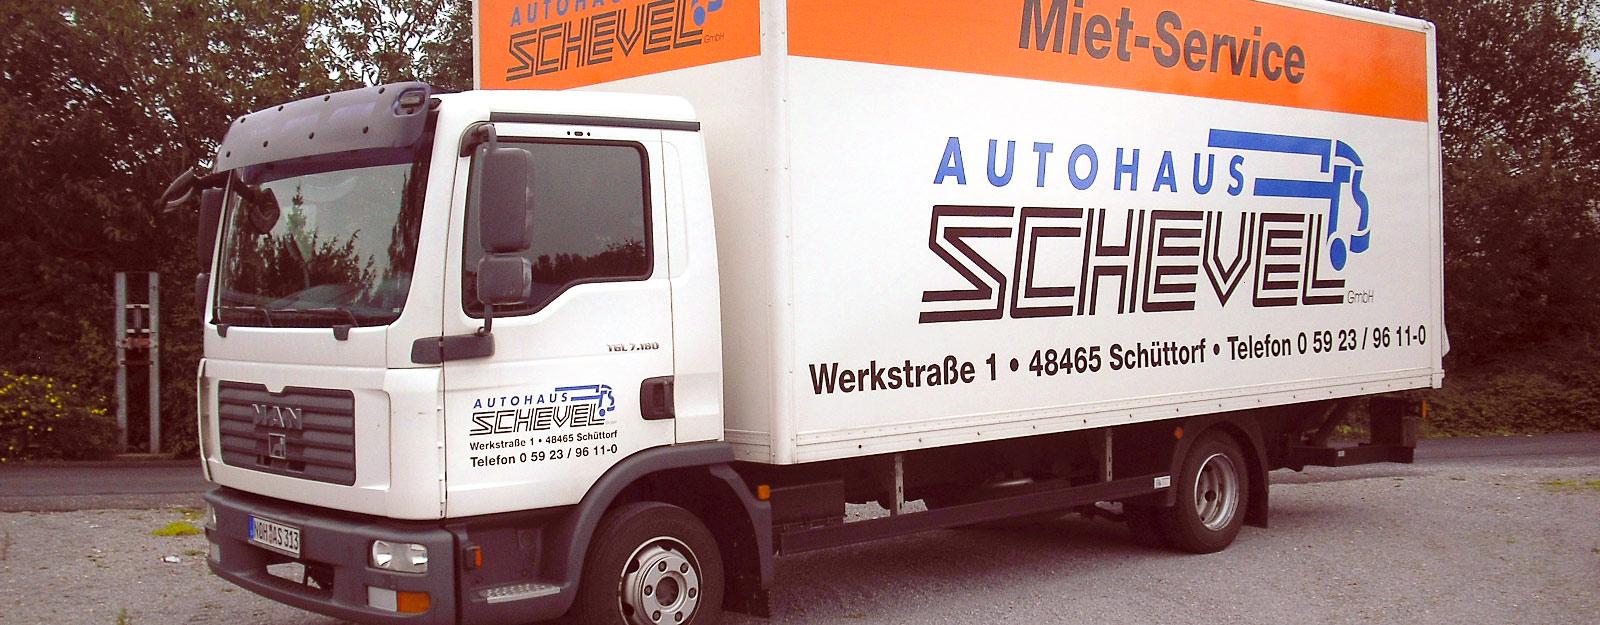 vermietung-lkw-transporter-umzugswagen-schuettorf-lohne-emsland-lingen